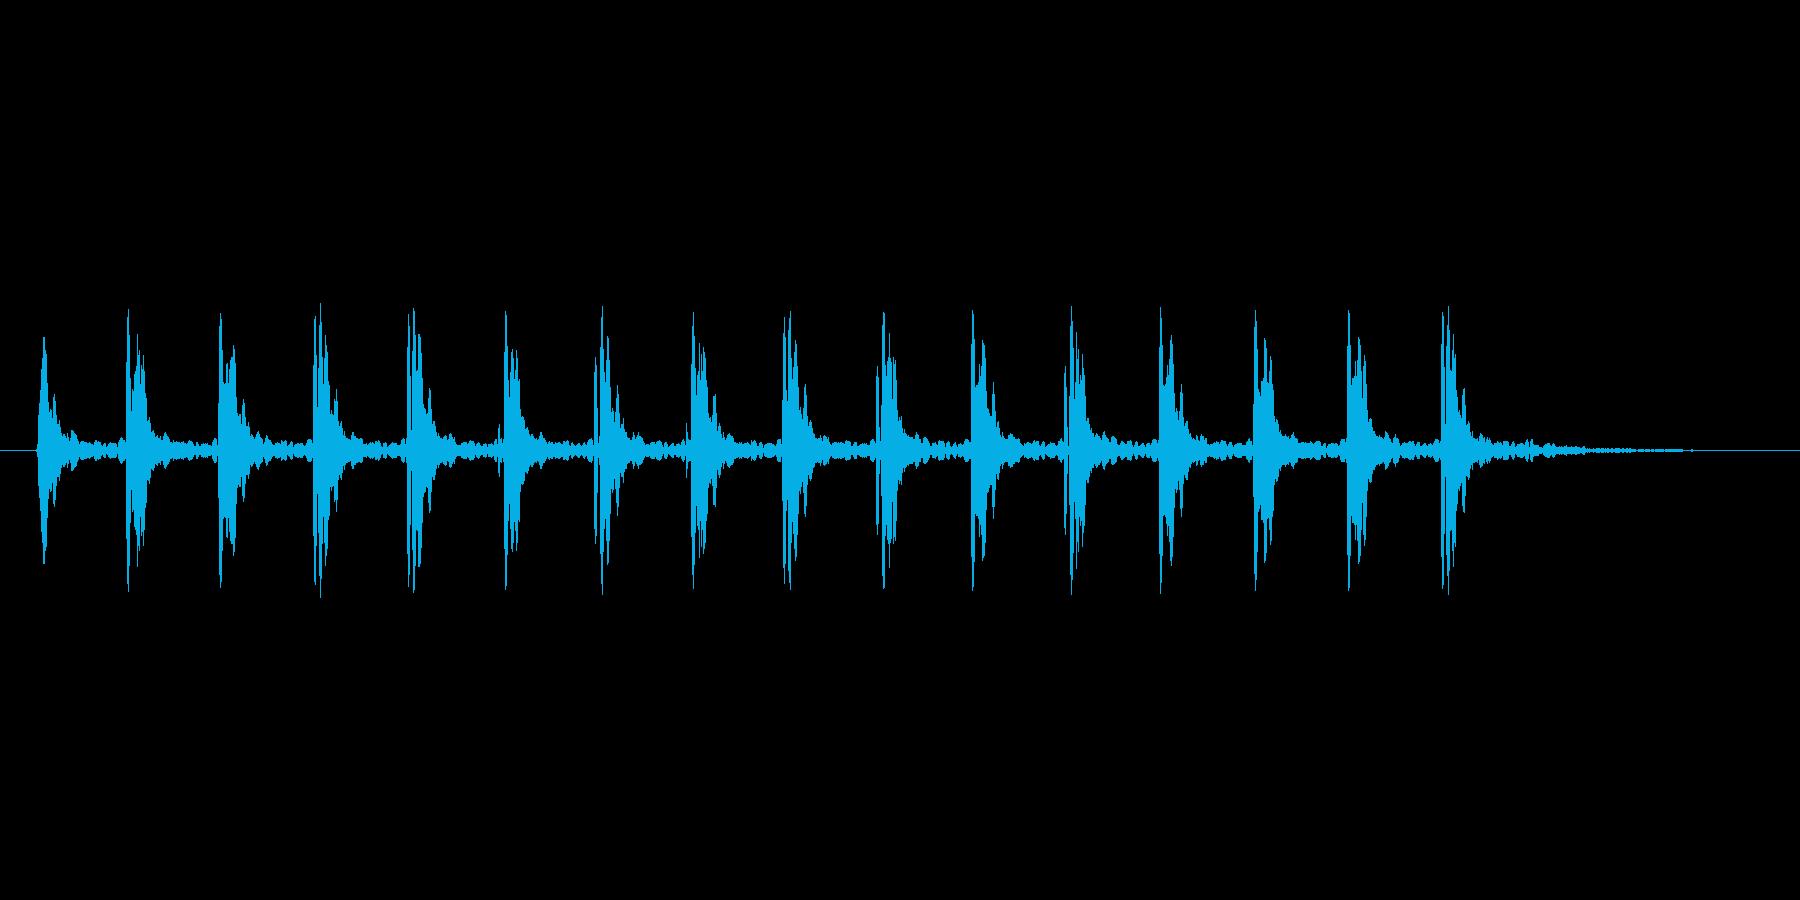 カタカタと震えるコミカル系の効果音の再生済みの波形